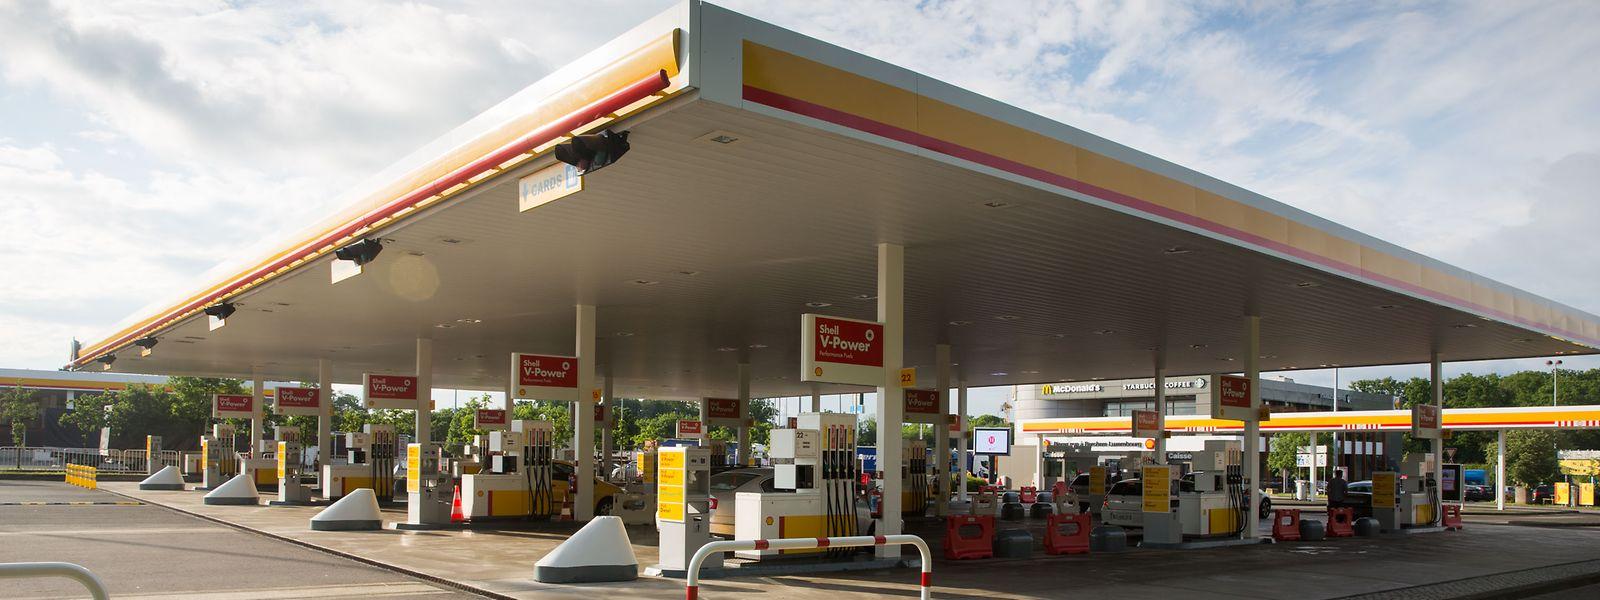 La limitation des flux frontaliers a entraîné une baisse de 16% des ventes de carburant sur les cinq premiers mois de l'année au Luxembourg